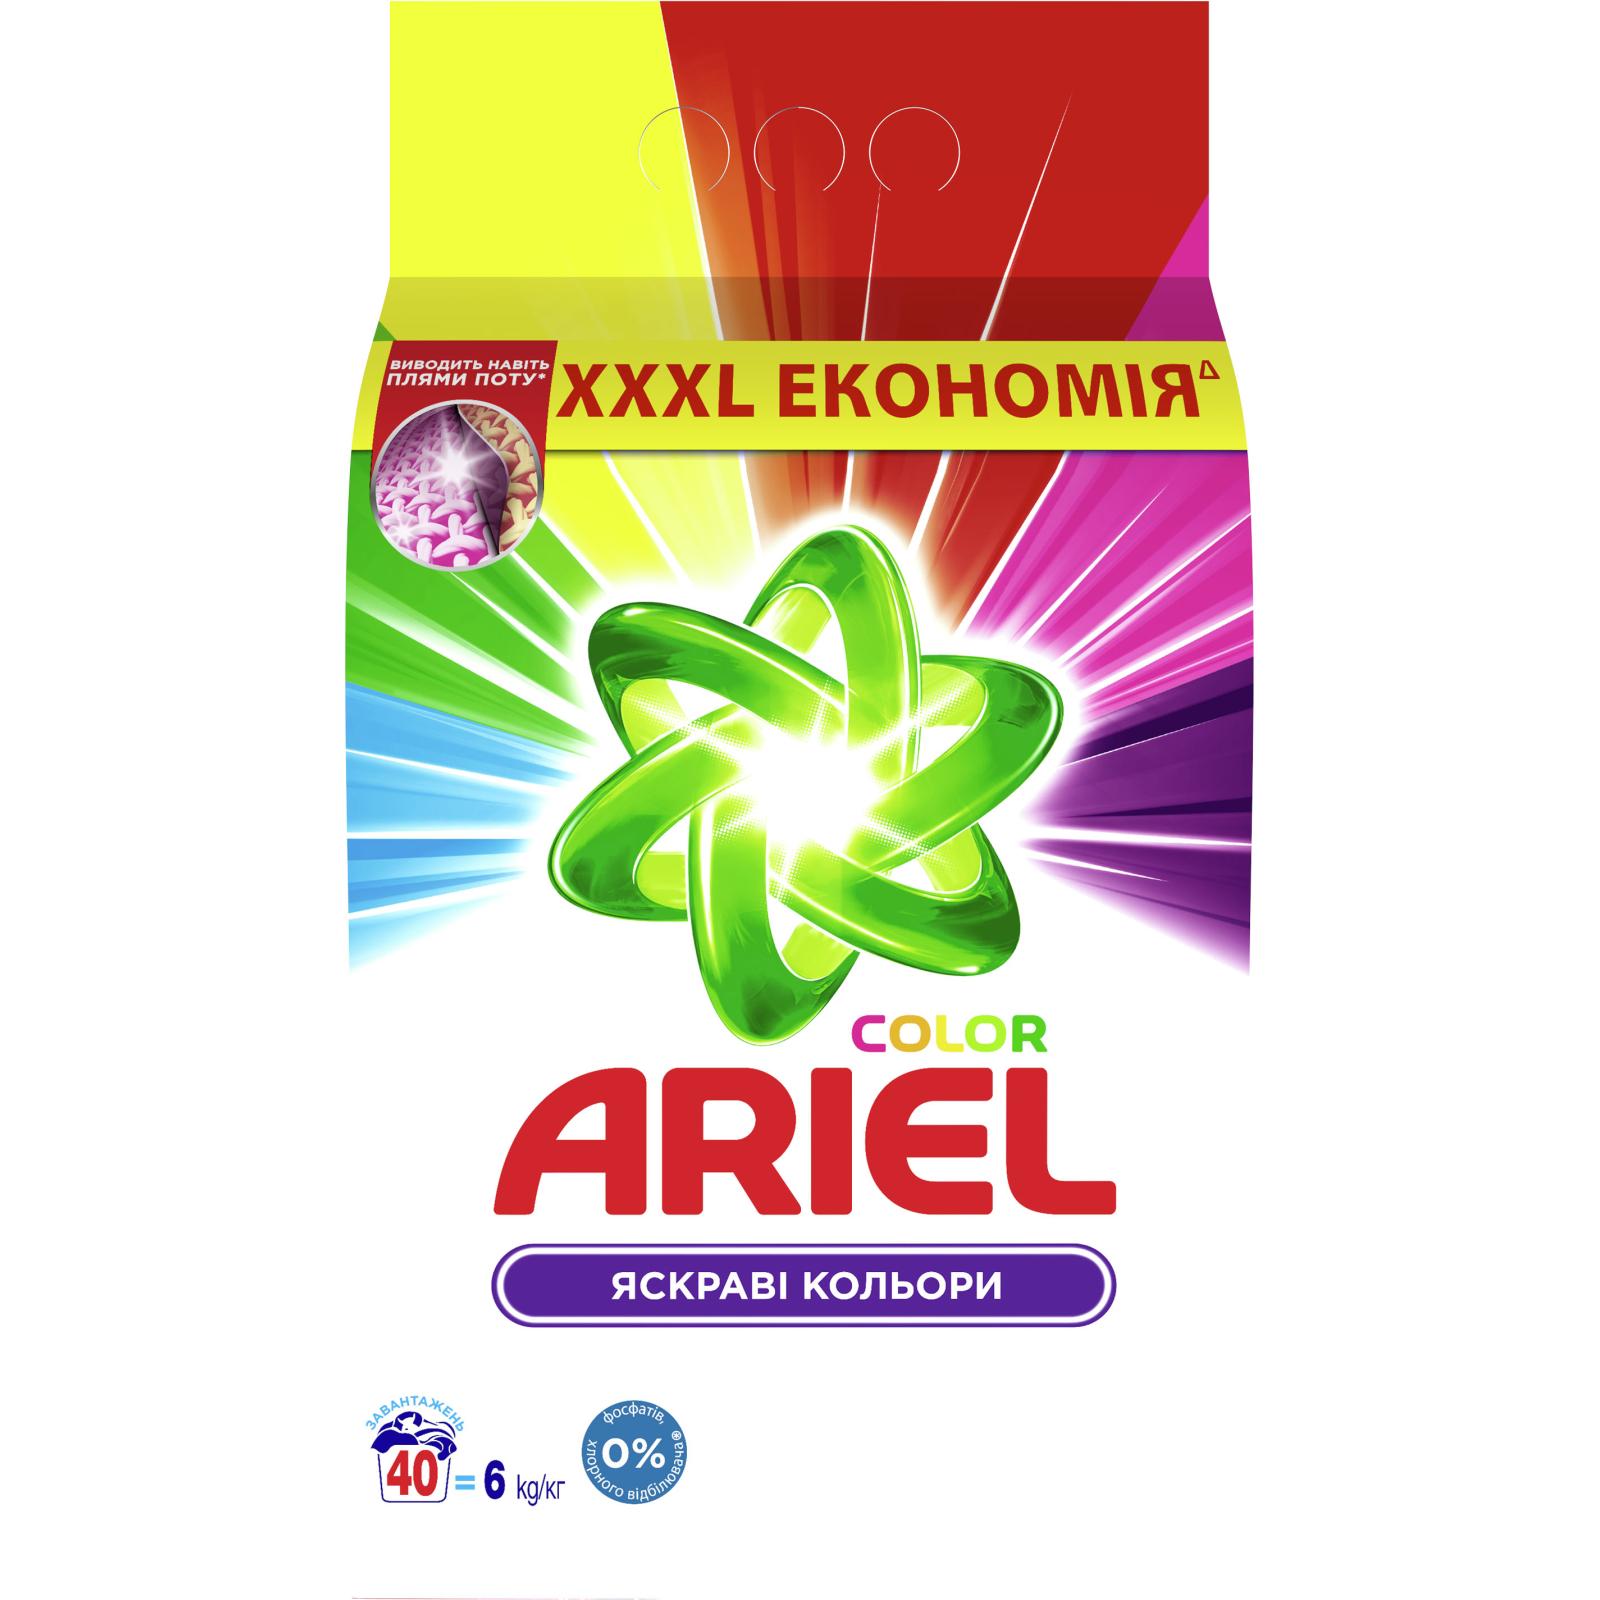 Стиральный порошок Ariel Color & Style 6 кг (5413149273122)